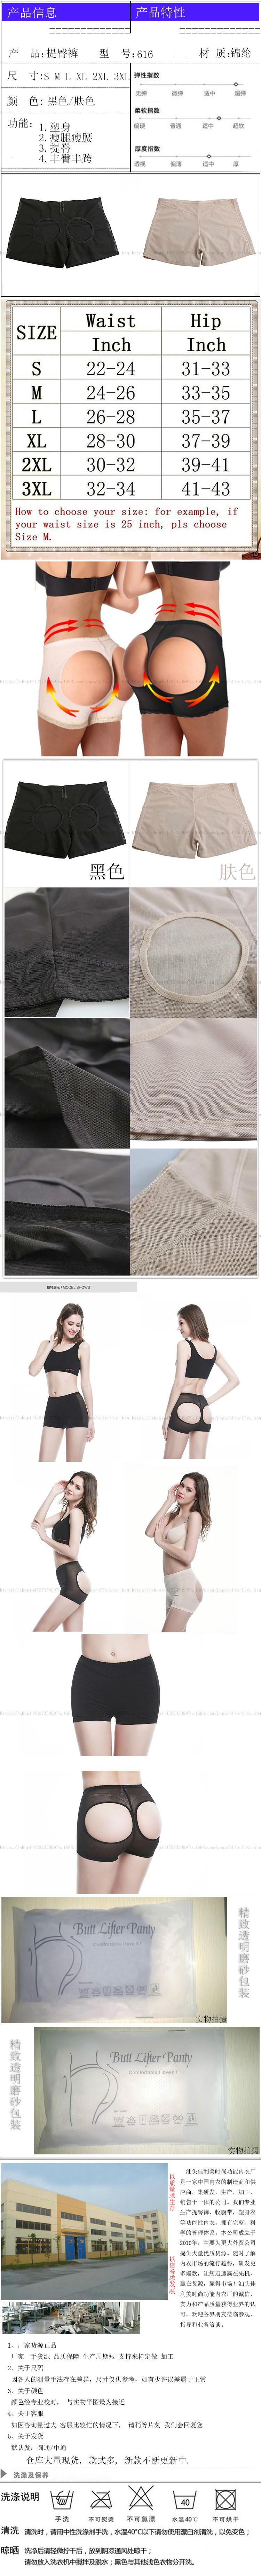 批发外贸爆款网纱无痕女士塑身美体内衣少女内裤露屁股提臀裤